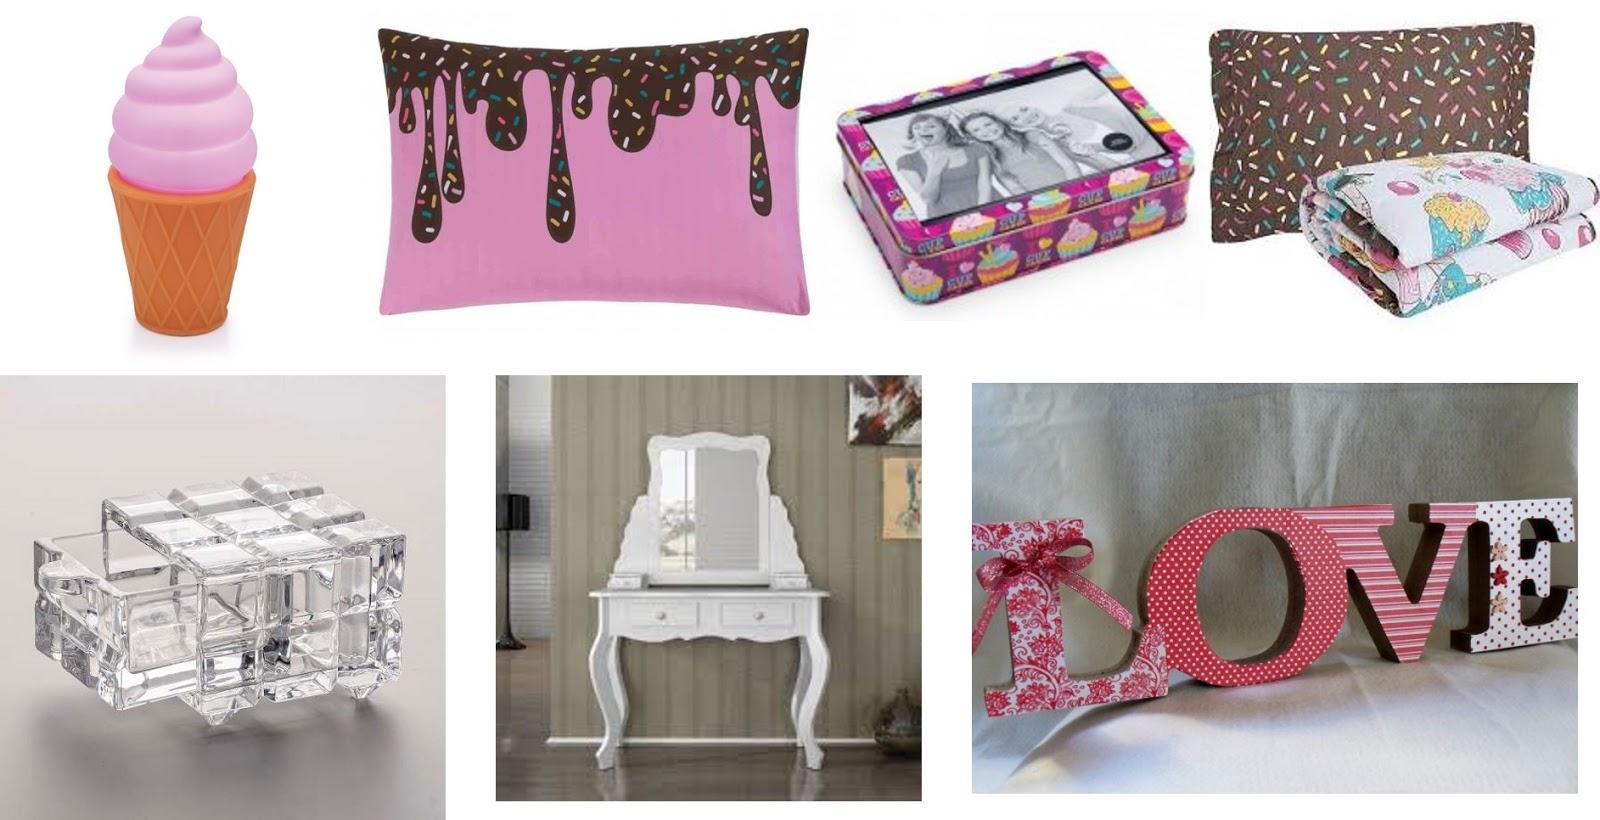 Espa o dividido objetos decorativos criativos for Objetos decorativos casa